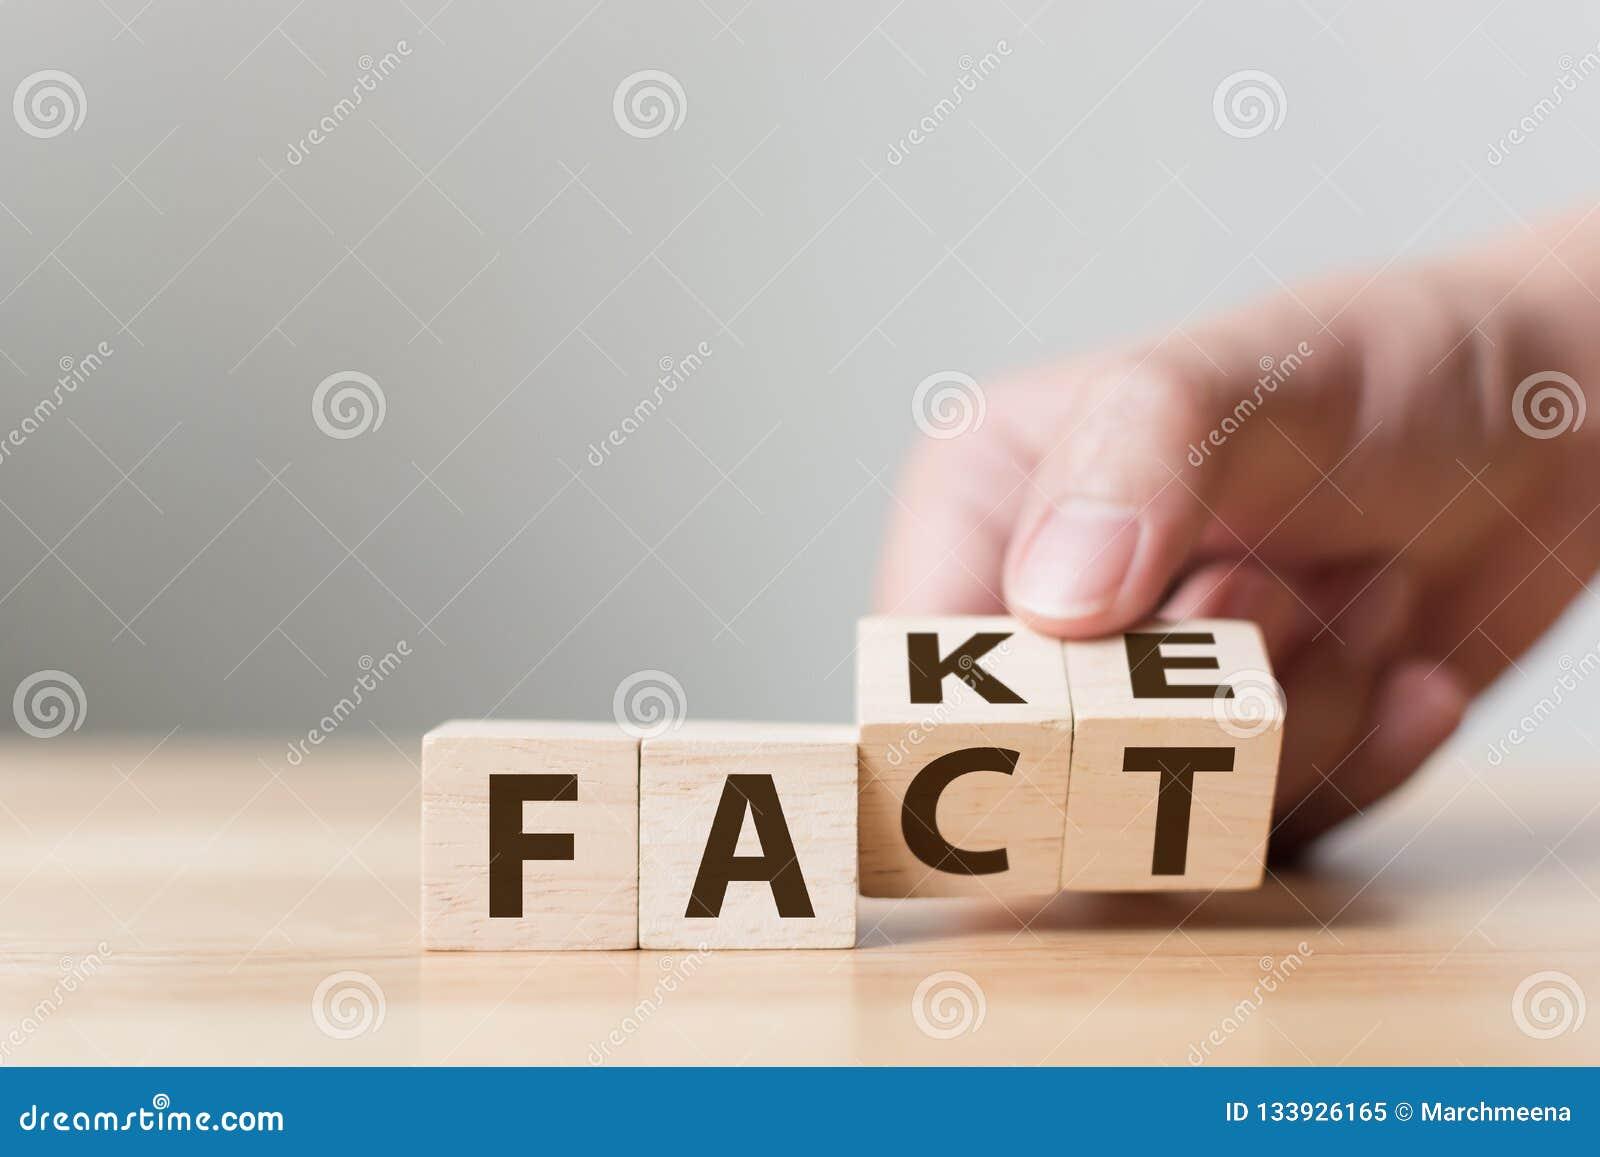 Факт или поддельная концепция, изменение куба сальто руки деревянное слово, апрель